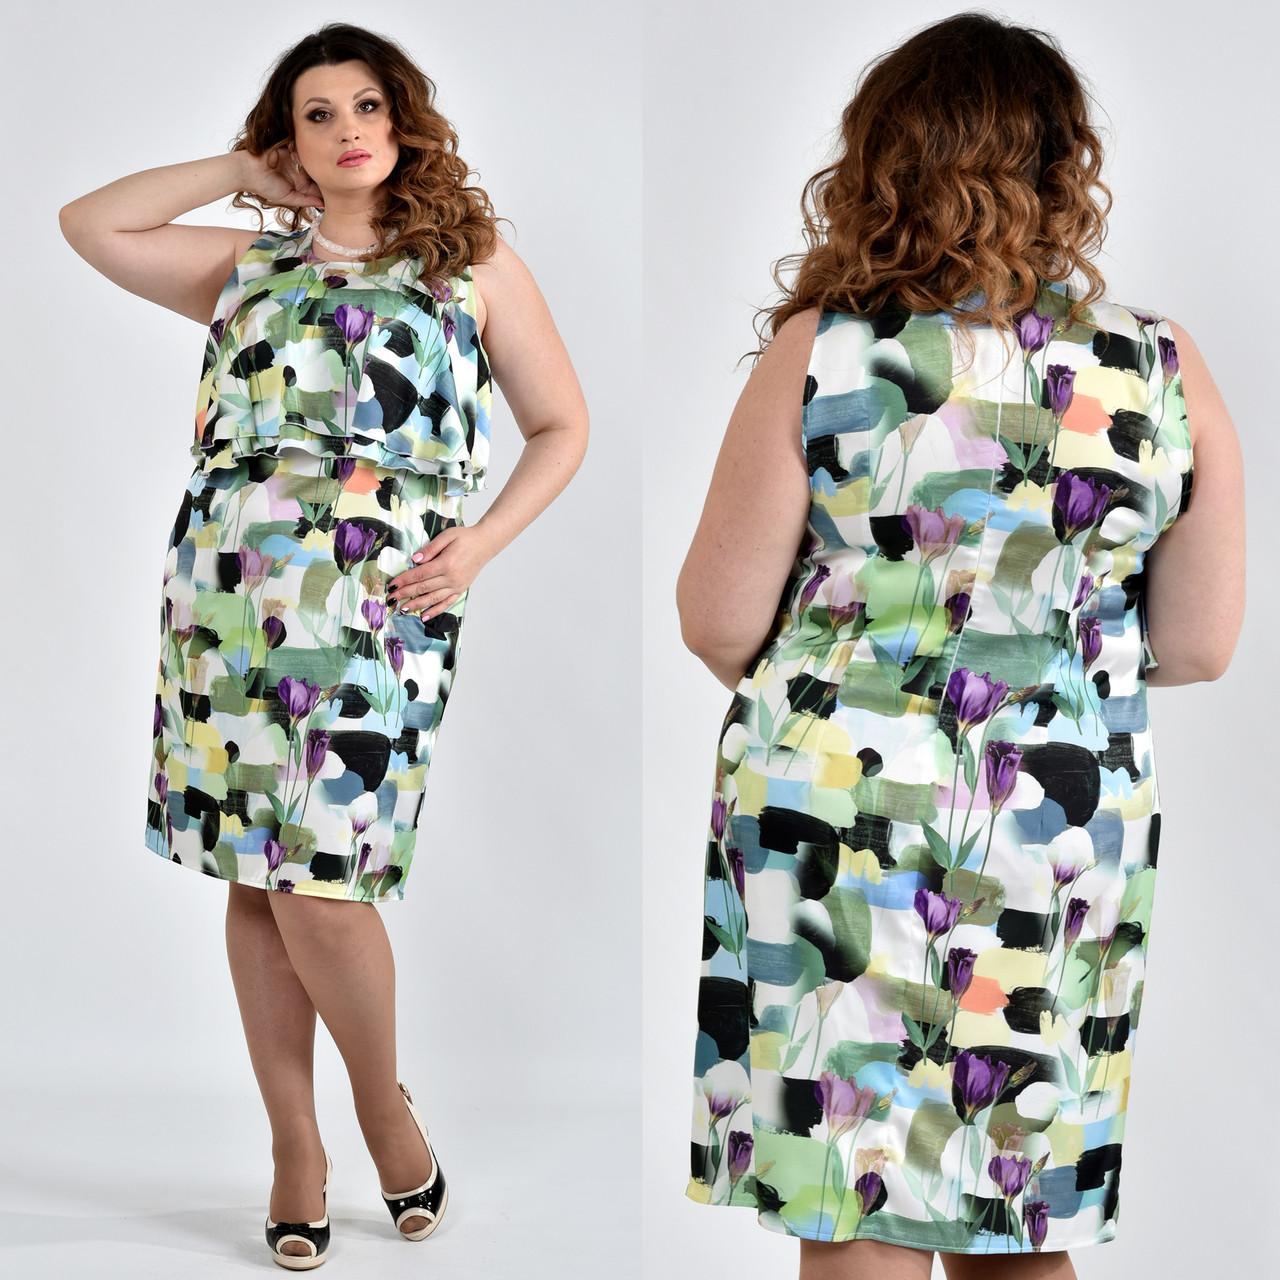 749c108f3144c9 Шелковое платье больших размеров 0513 зеленое - V Mode, прямой поставщик  женской одежды в Харькове